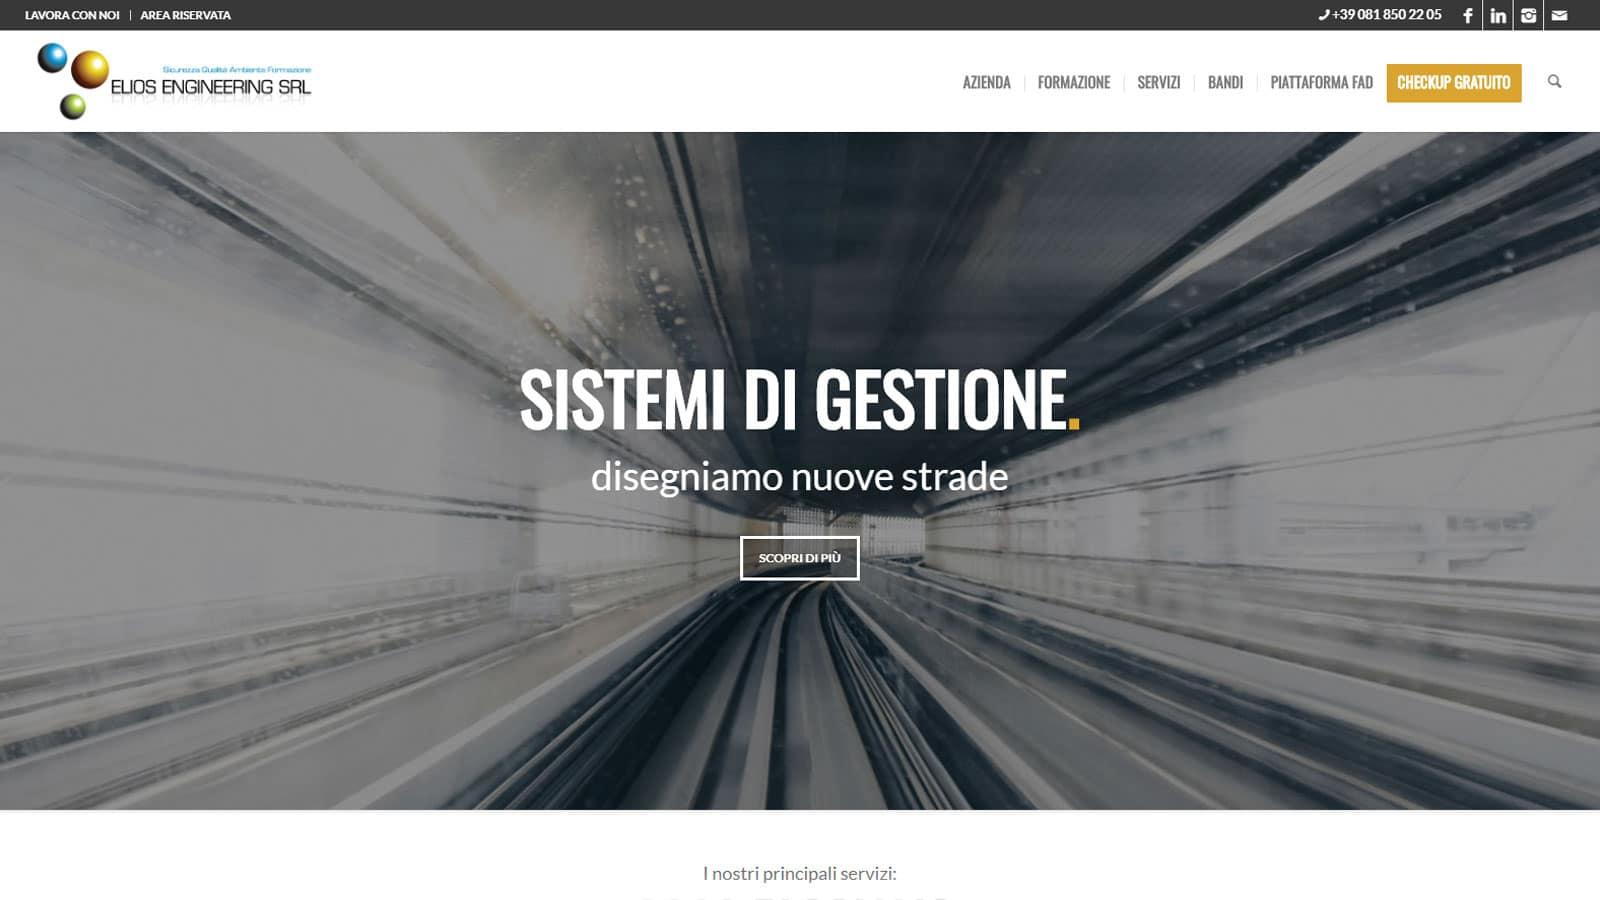 Eliosengineering - sito di Gestione e Formazione per le Aziende